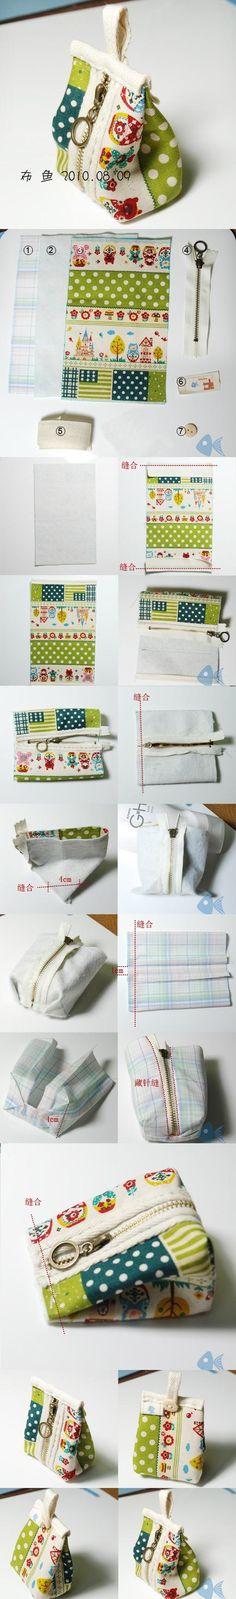 DIY Small Handbag